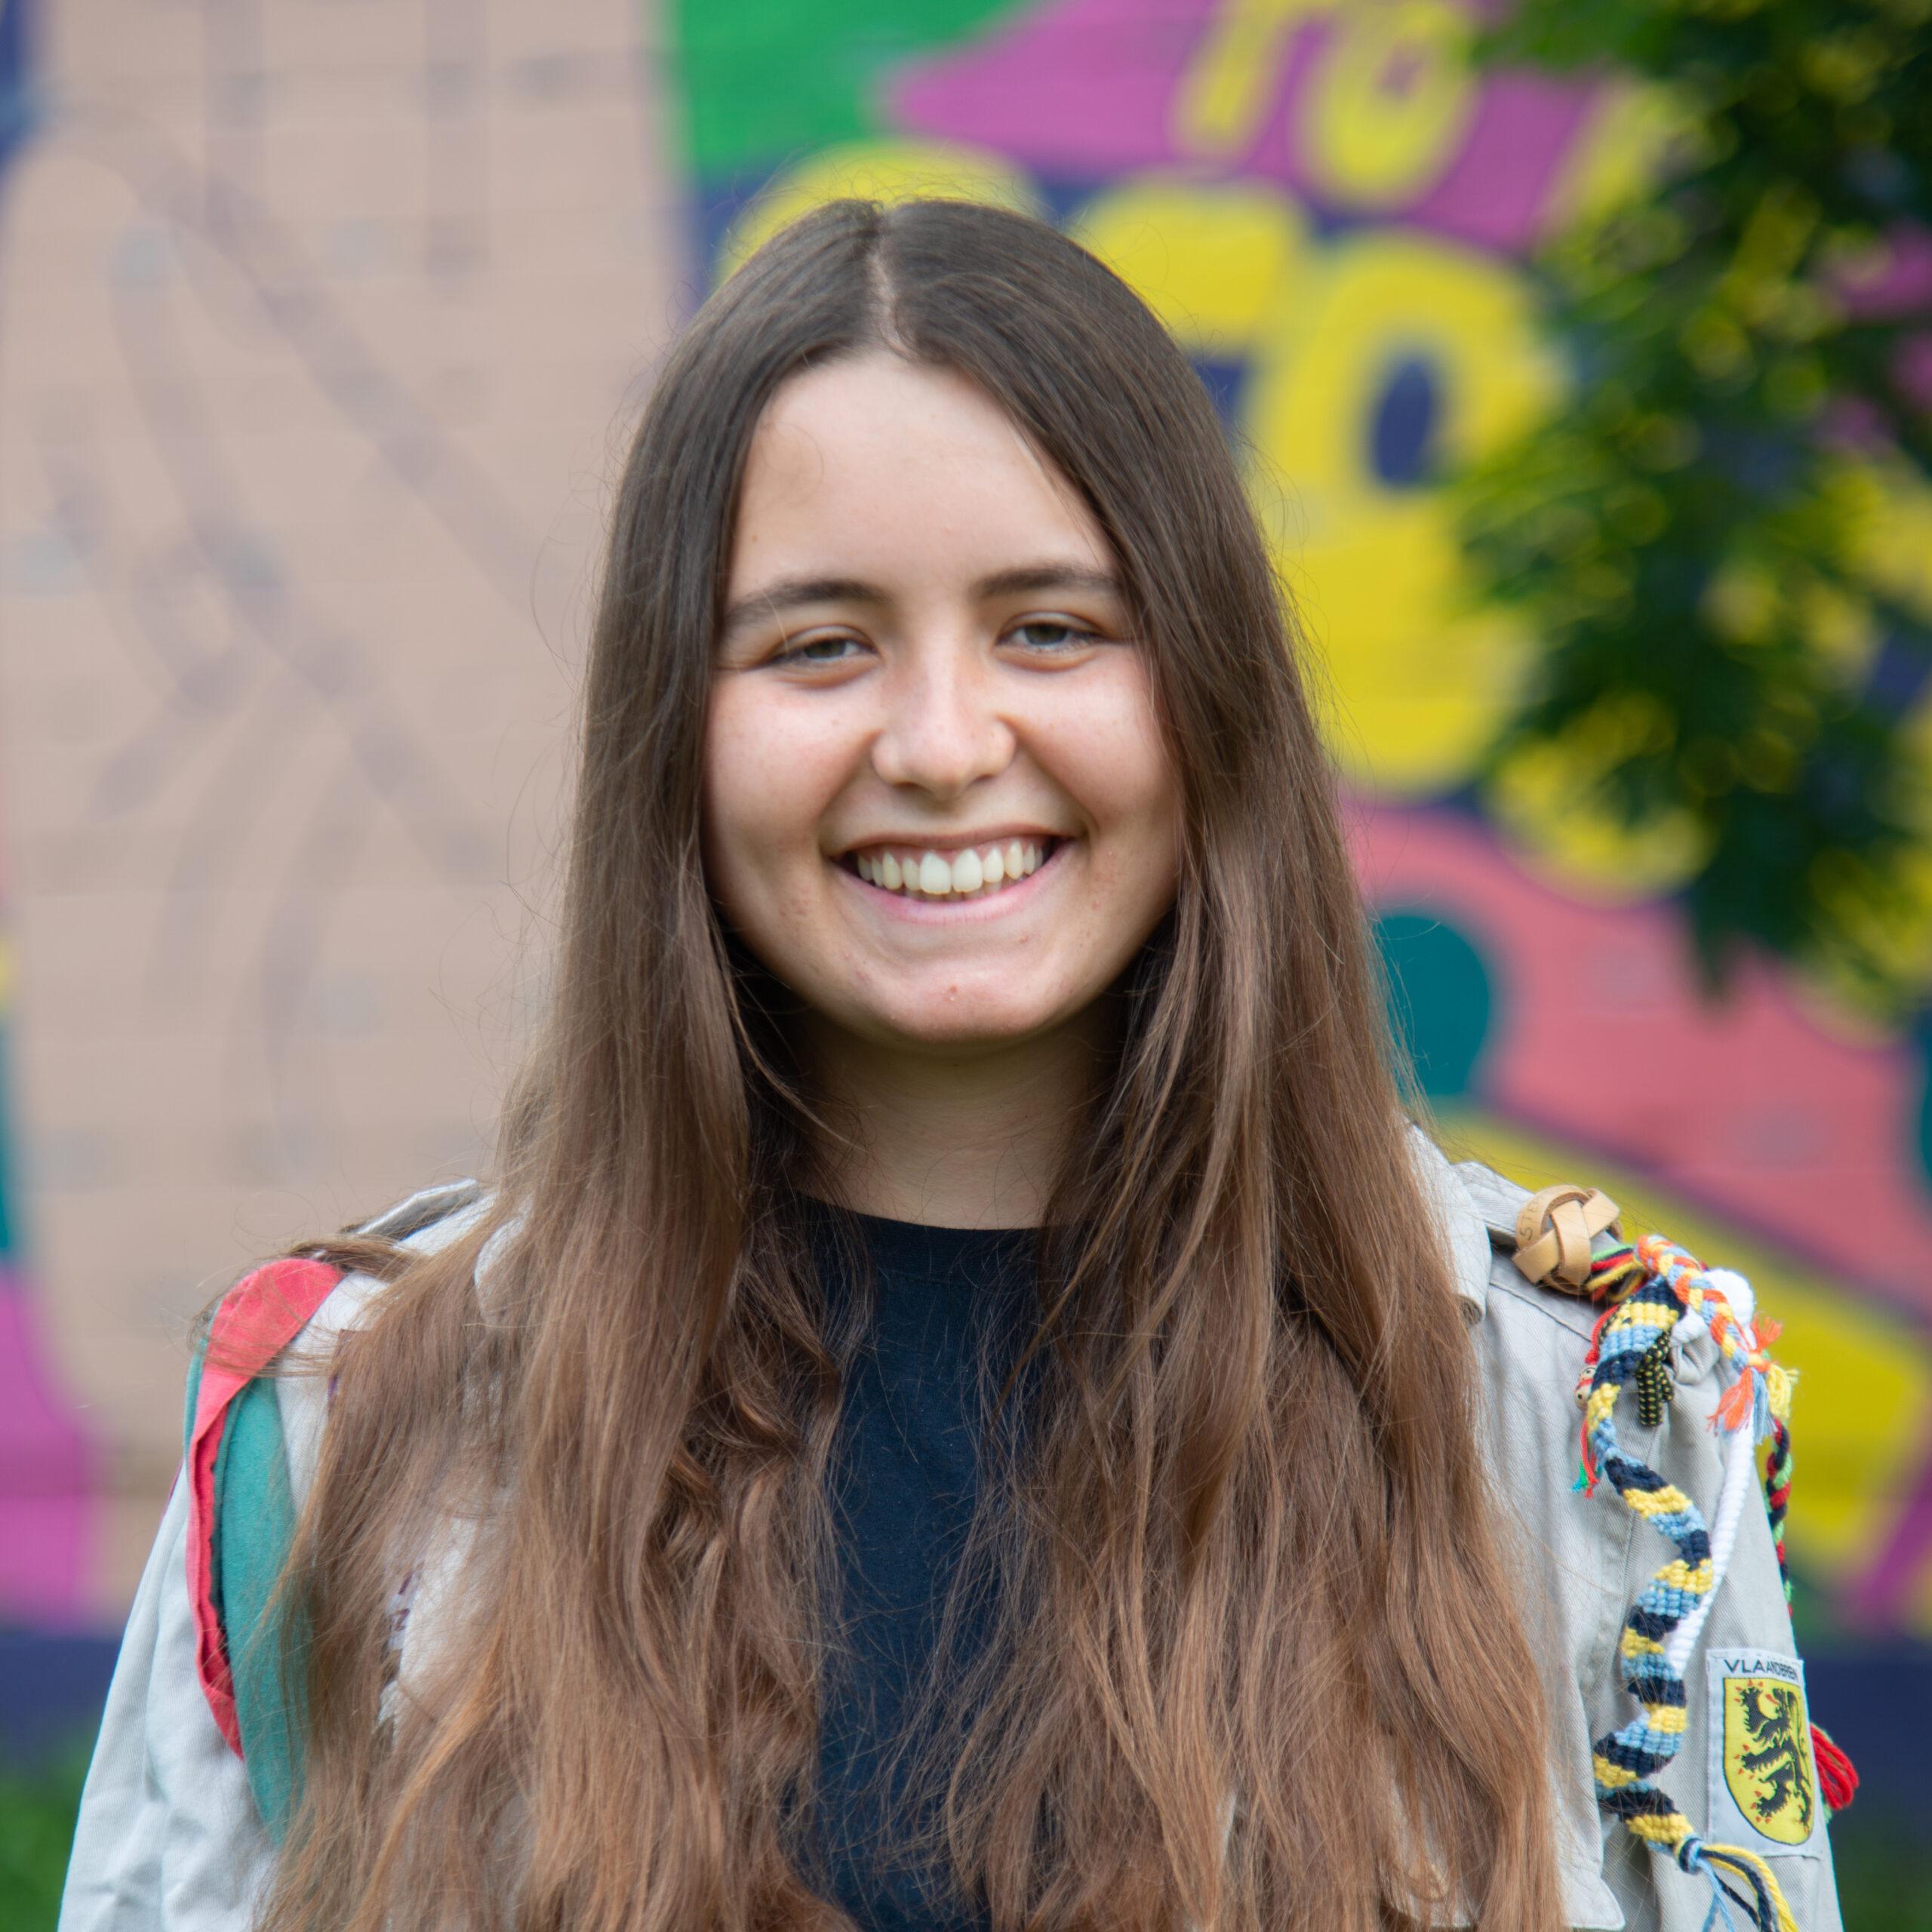 Abby Bruynkens